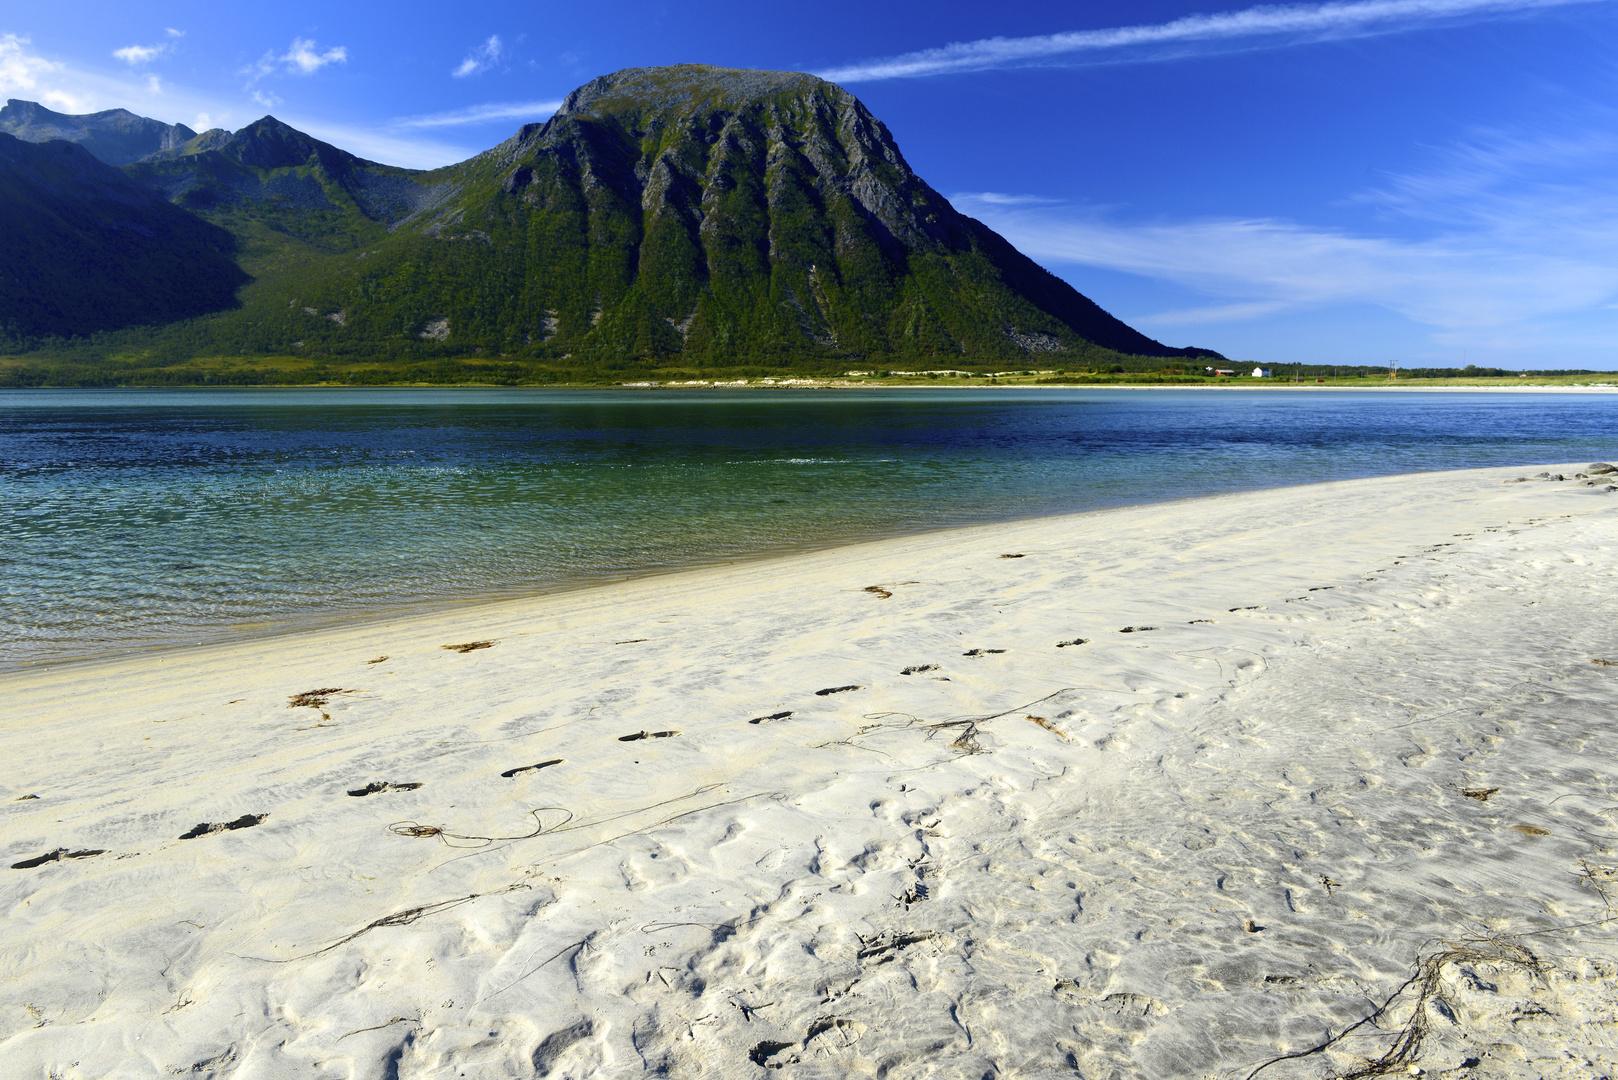 Karibischer Strand auf den Lofoten